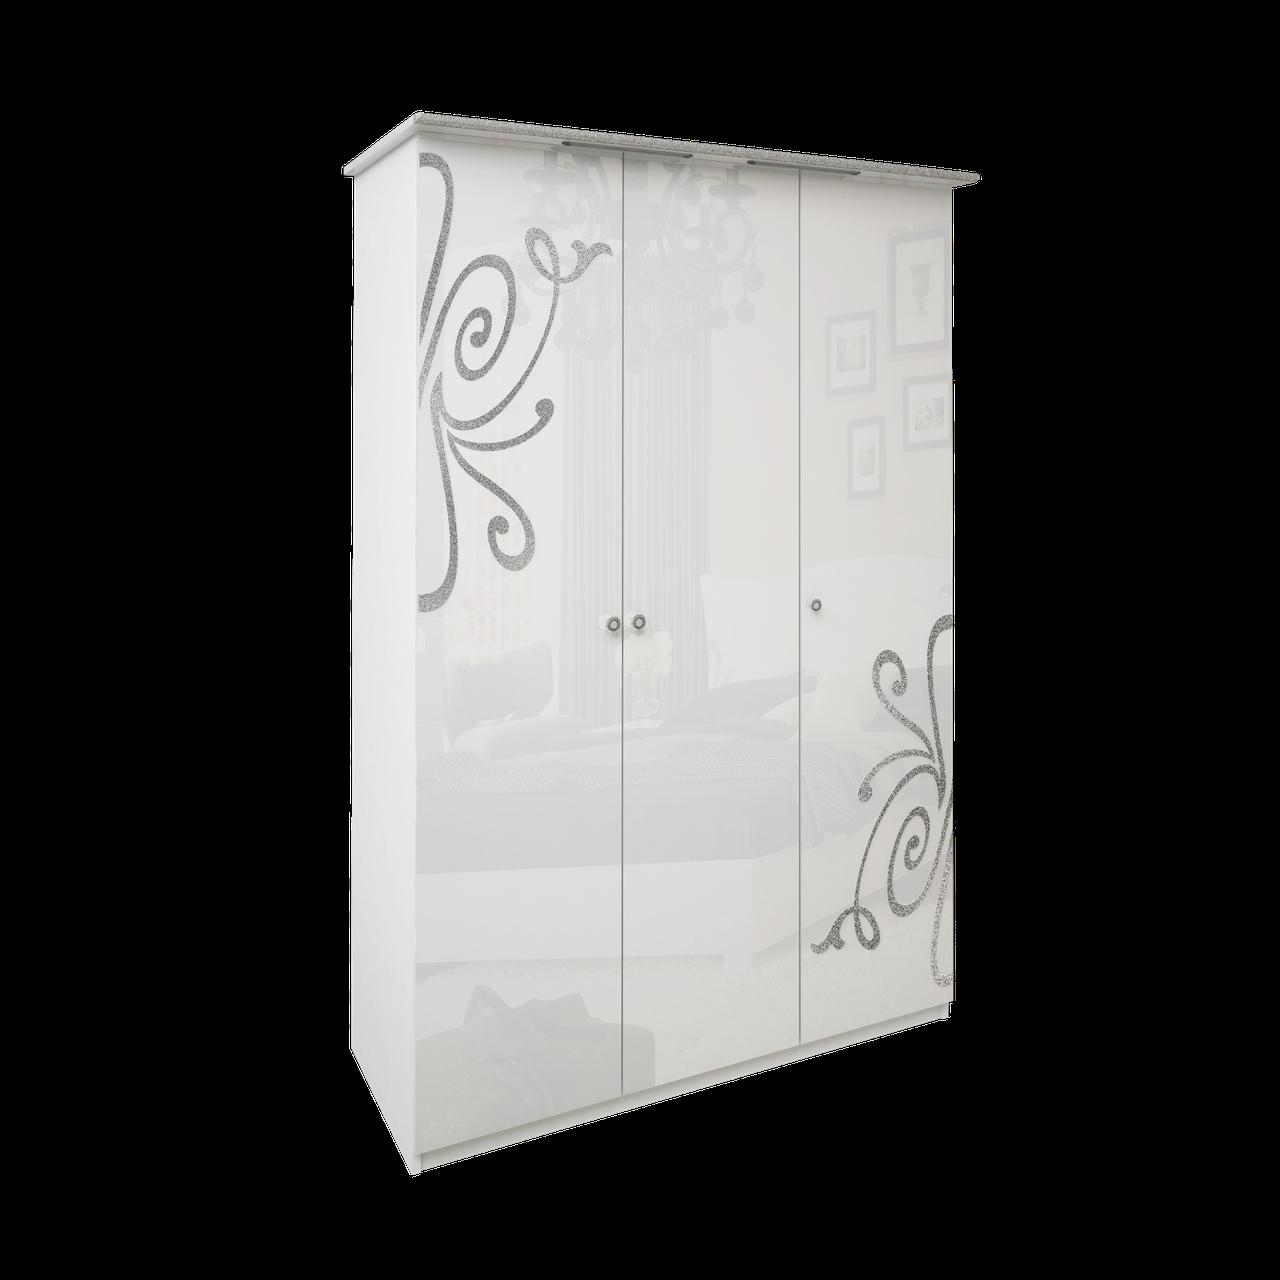 Шафа (шкаф) з ДСП/МДФ в спальню/вітальню/дитячу Богема 3Д без дзеркал білий Миро-Марк